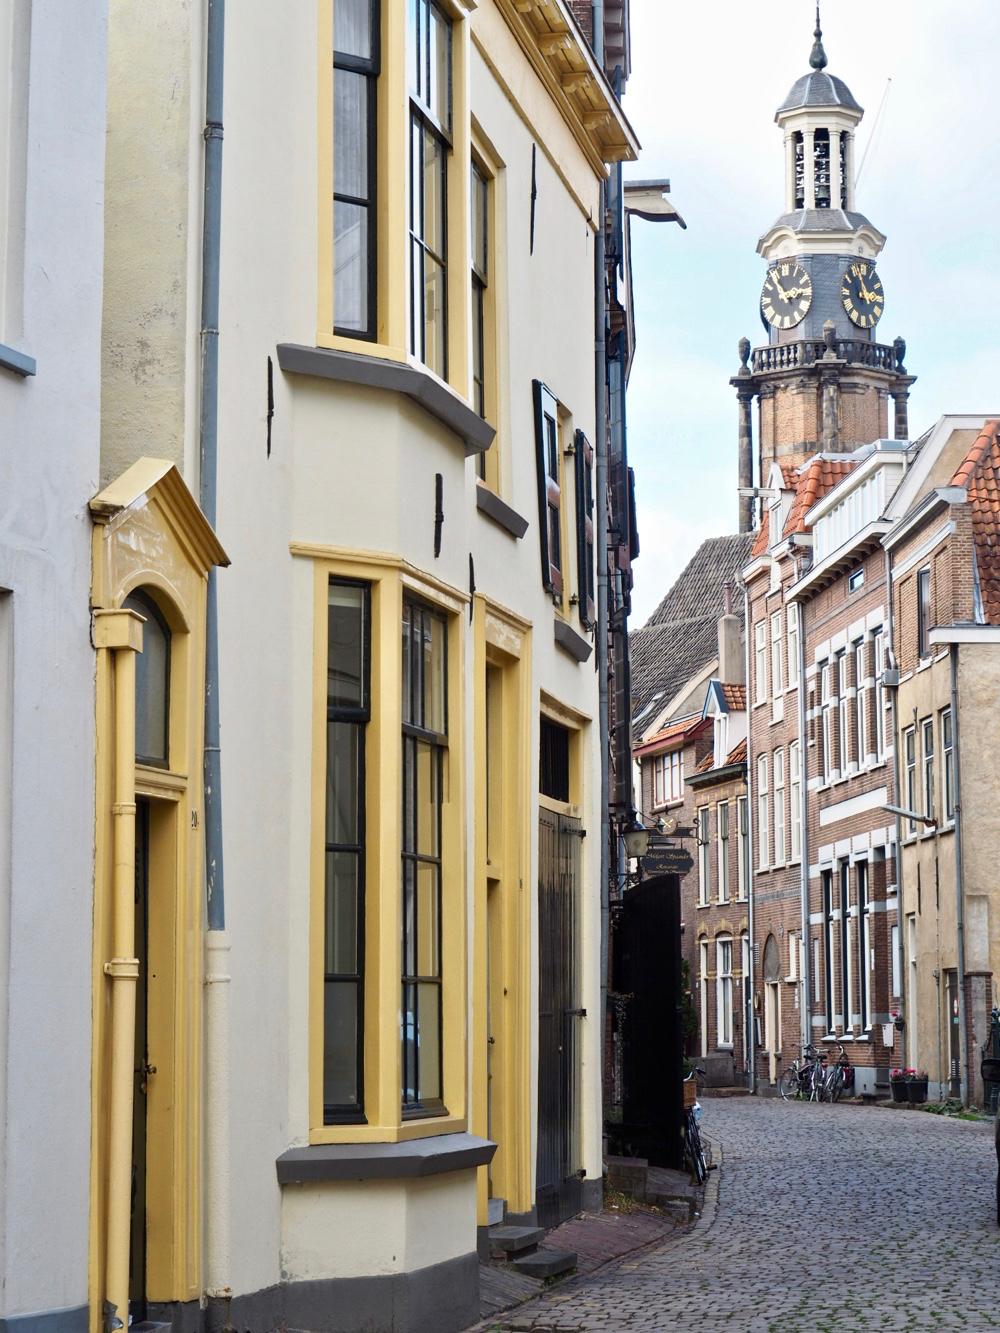 Stadswandeling door Zutphen door de mooiste straatjes